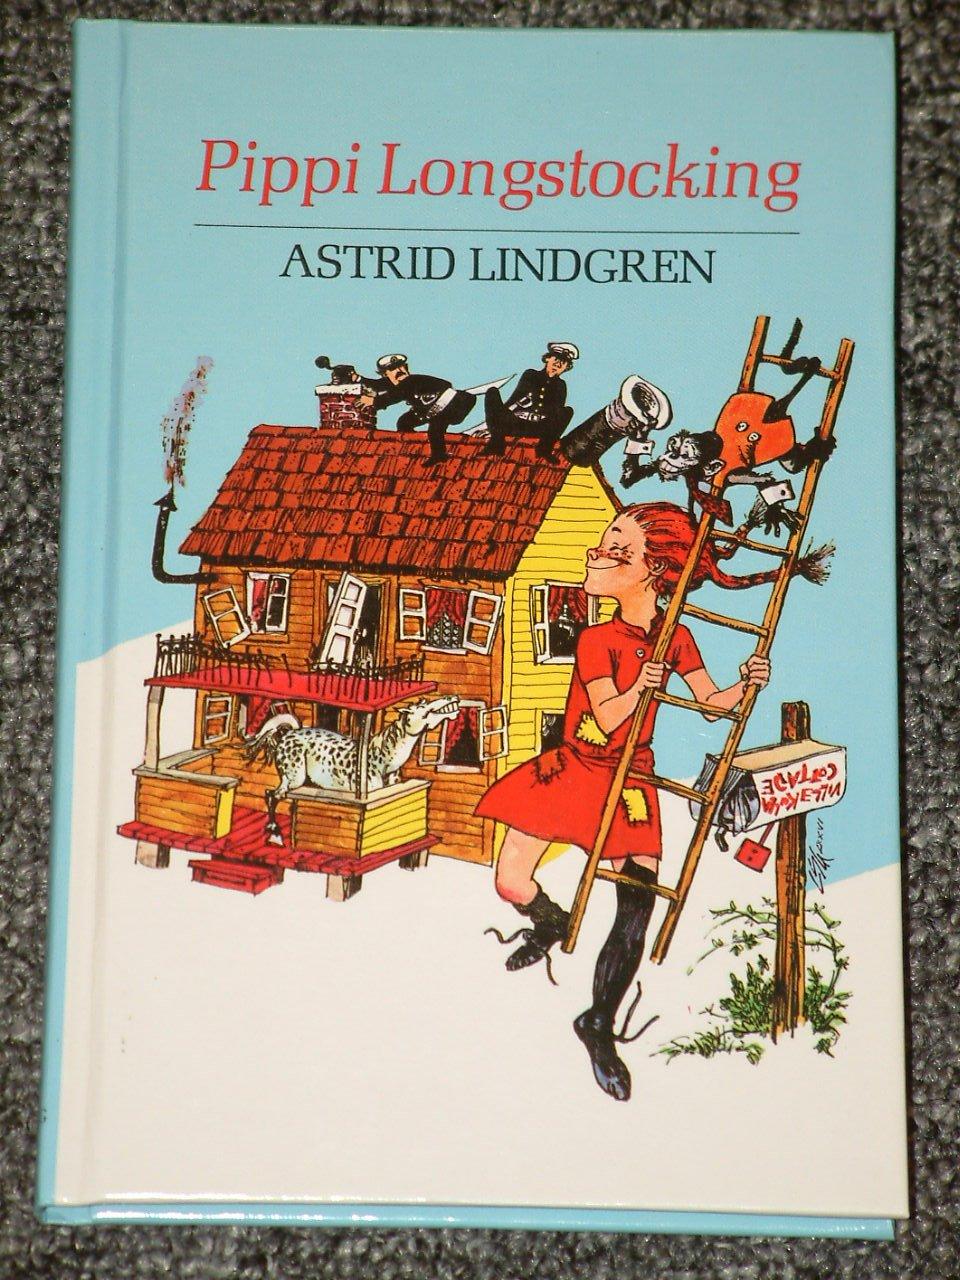 Pippi Longstocking by Astrid Lindgren HB